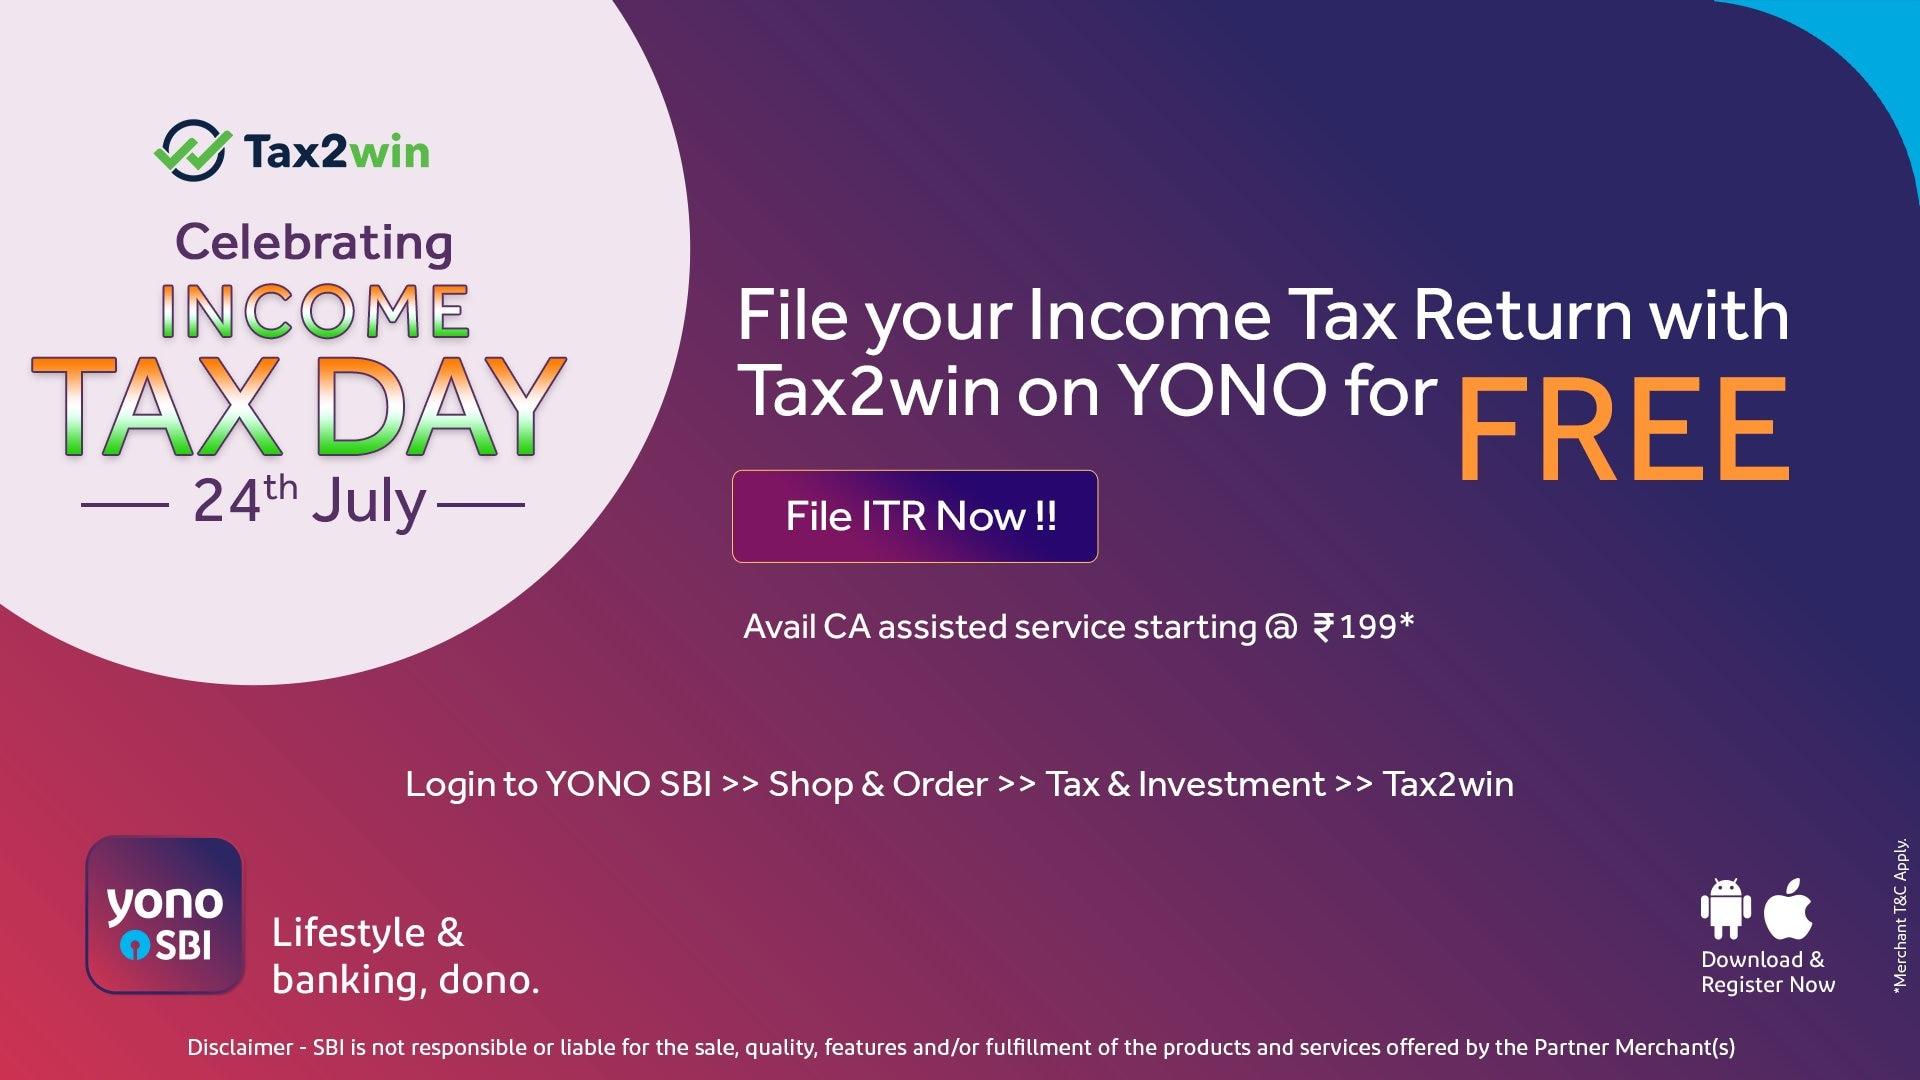 Income Tax Day 2021: ತೆರಿಗೆ ಪಾವತಿದಾರರಿಗೆ ಅಧ್ಬುತ ಕೊಡುಗೆ ಪ್ರಕಟಿಸಿದ SBI